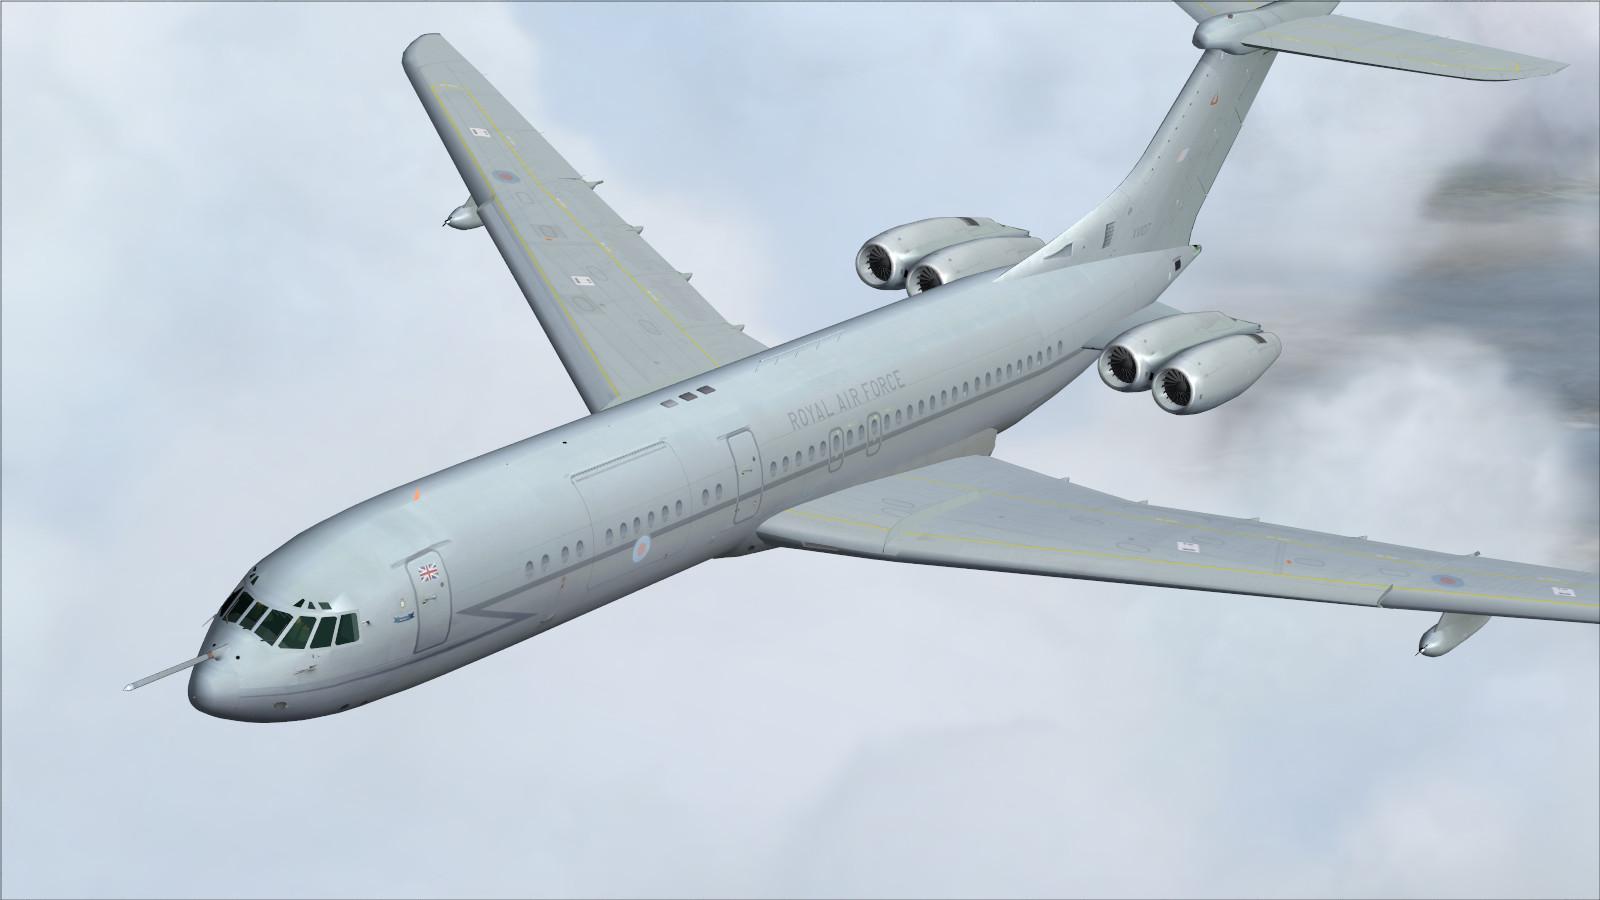 DOWNLOAD Vickers VC10 C1K RAF FS2004 - Rikoooo